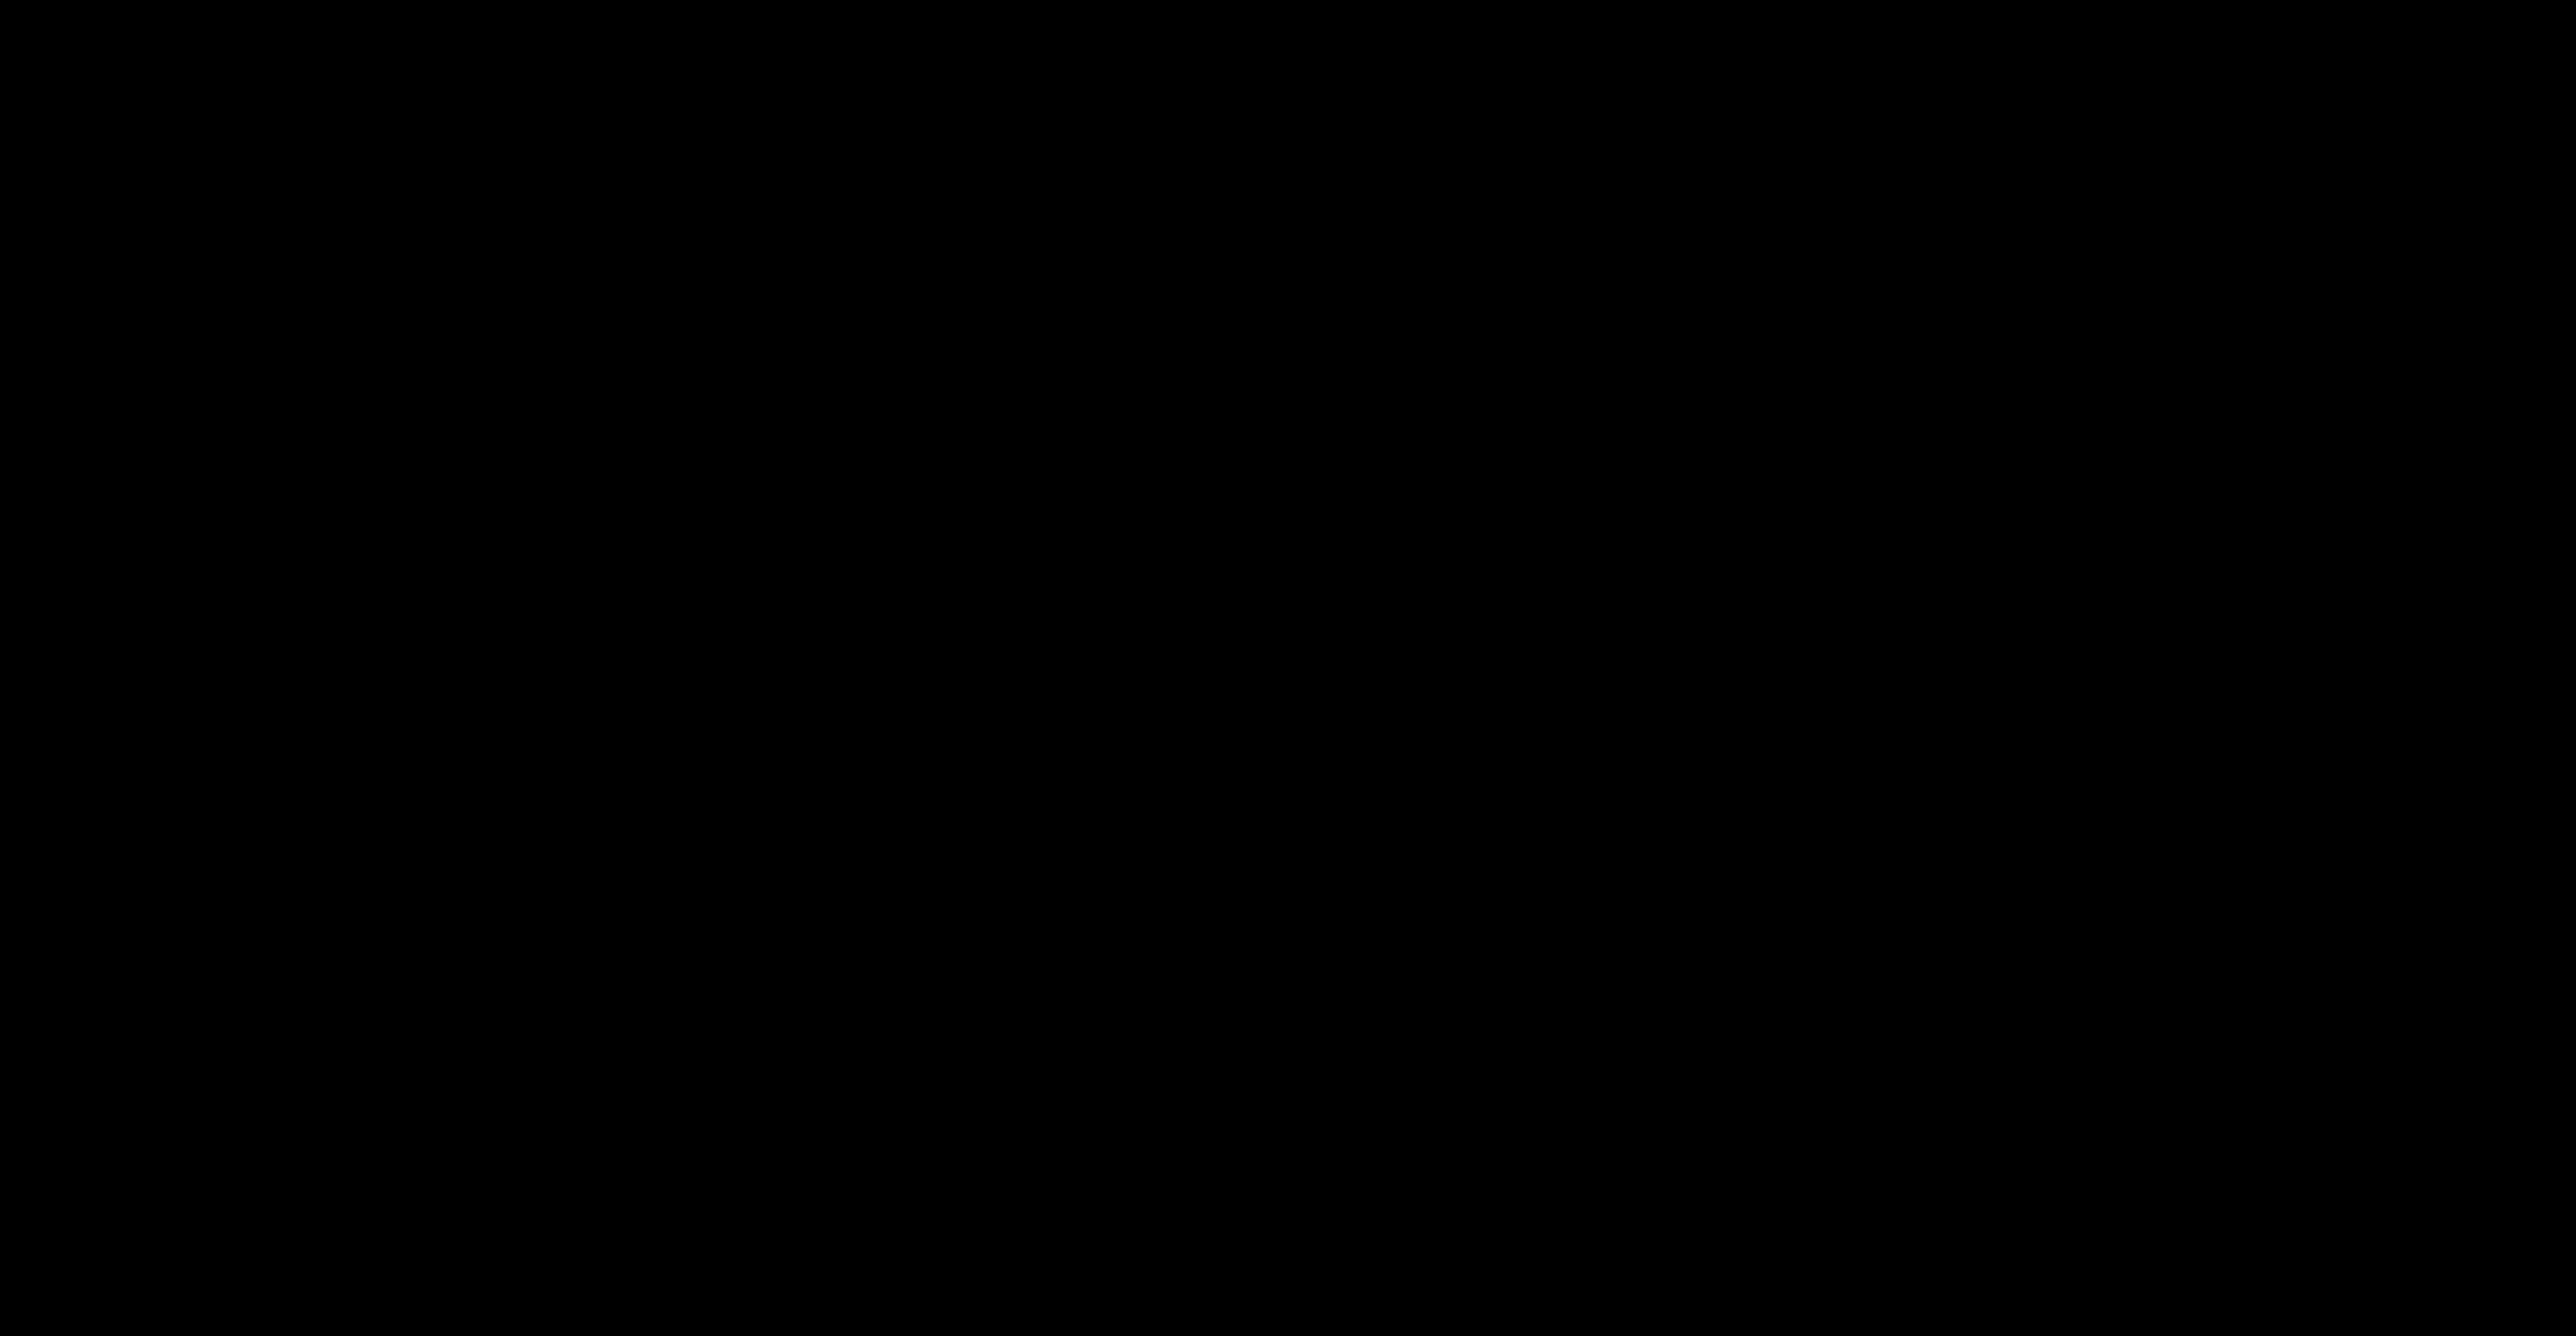 Battlefleet Gothic Armada 2 Poster Wallpaper HD Games 4K 11467x5945